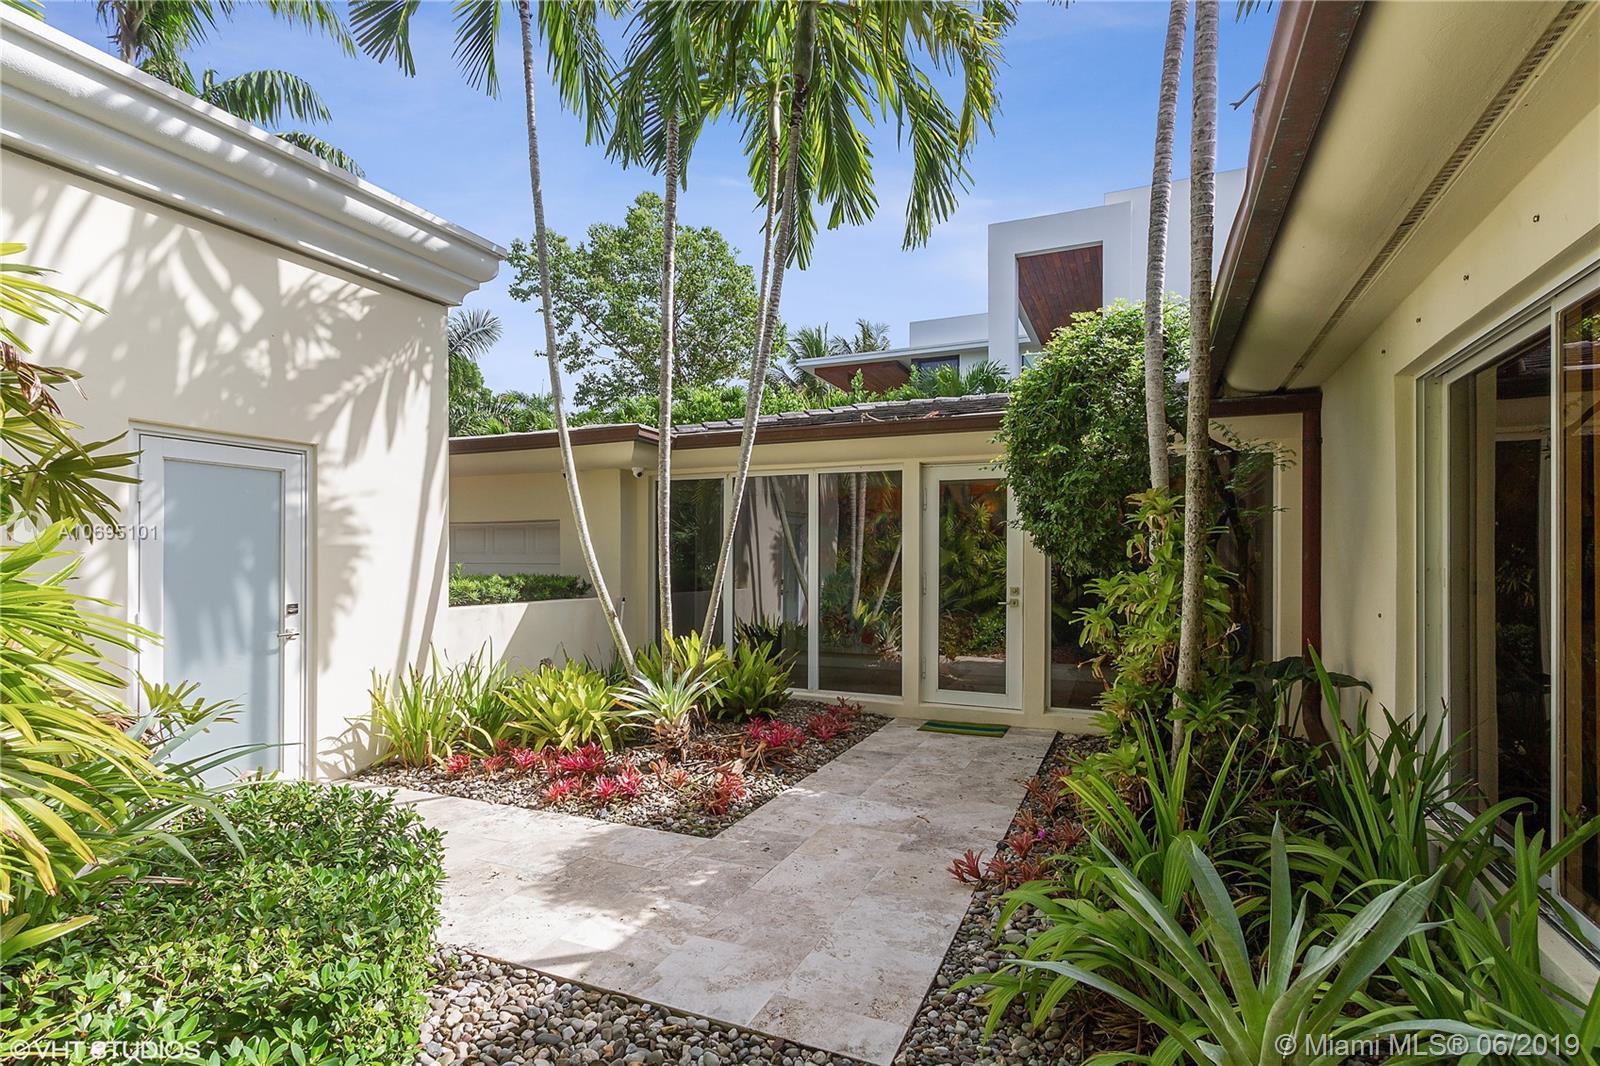 5055 N Bay Rd, Miami Beach, FL 33140